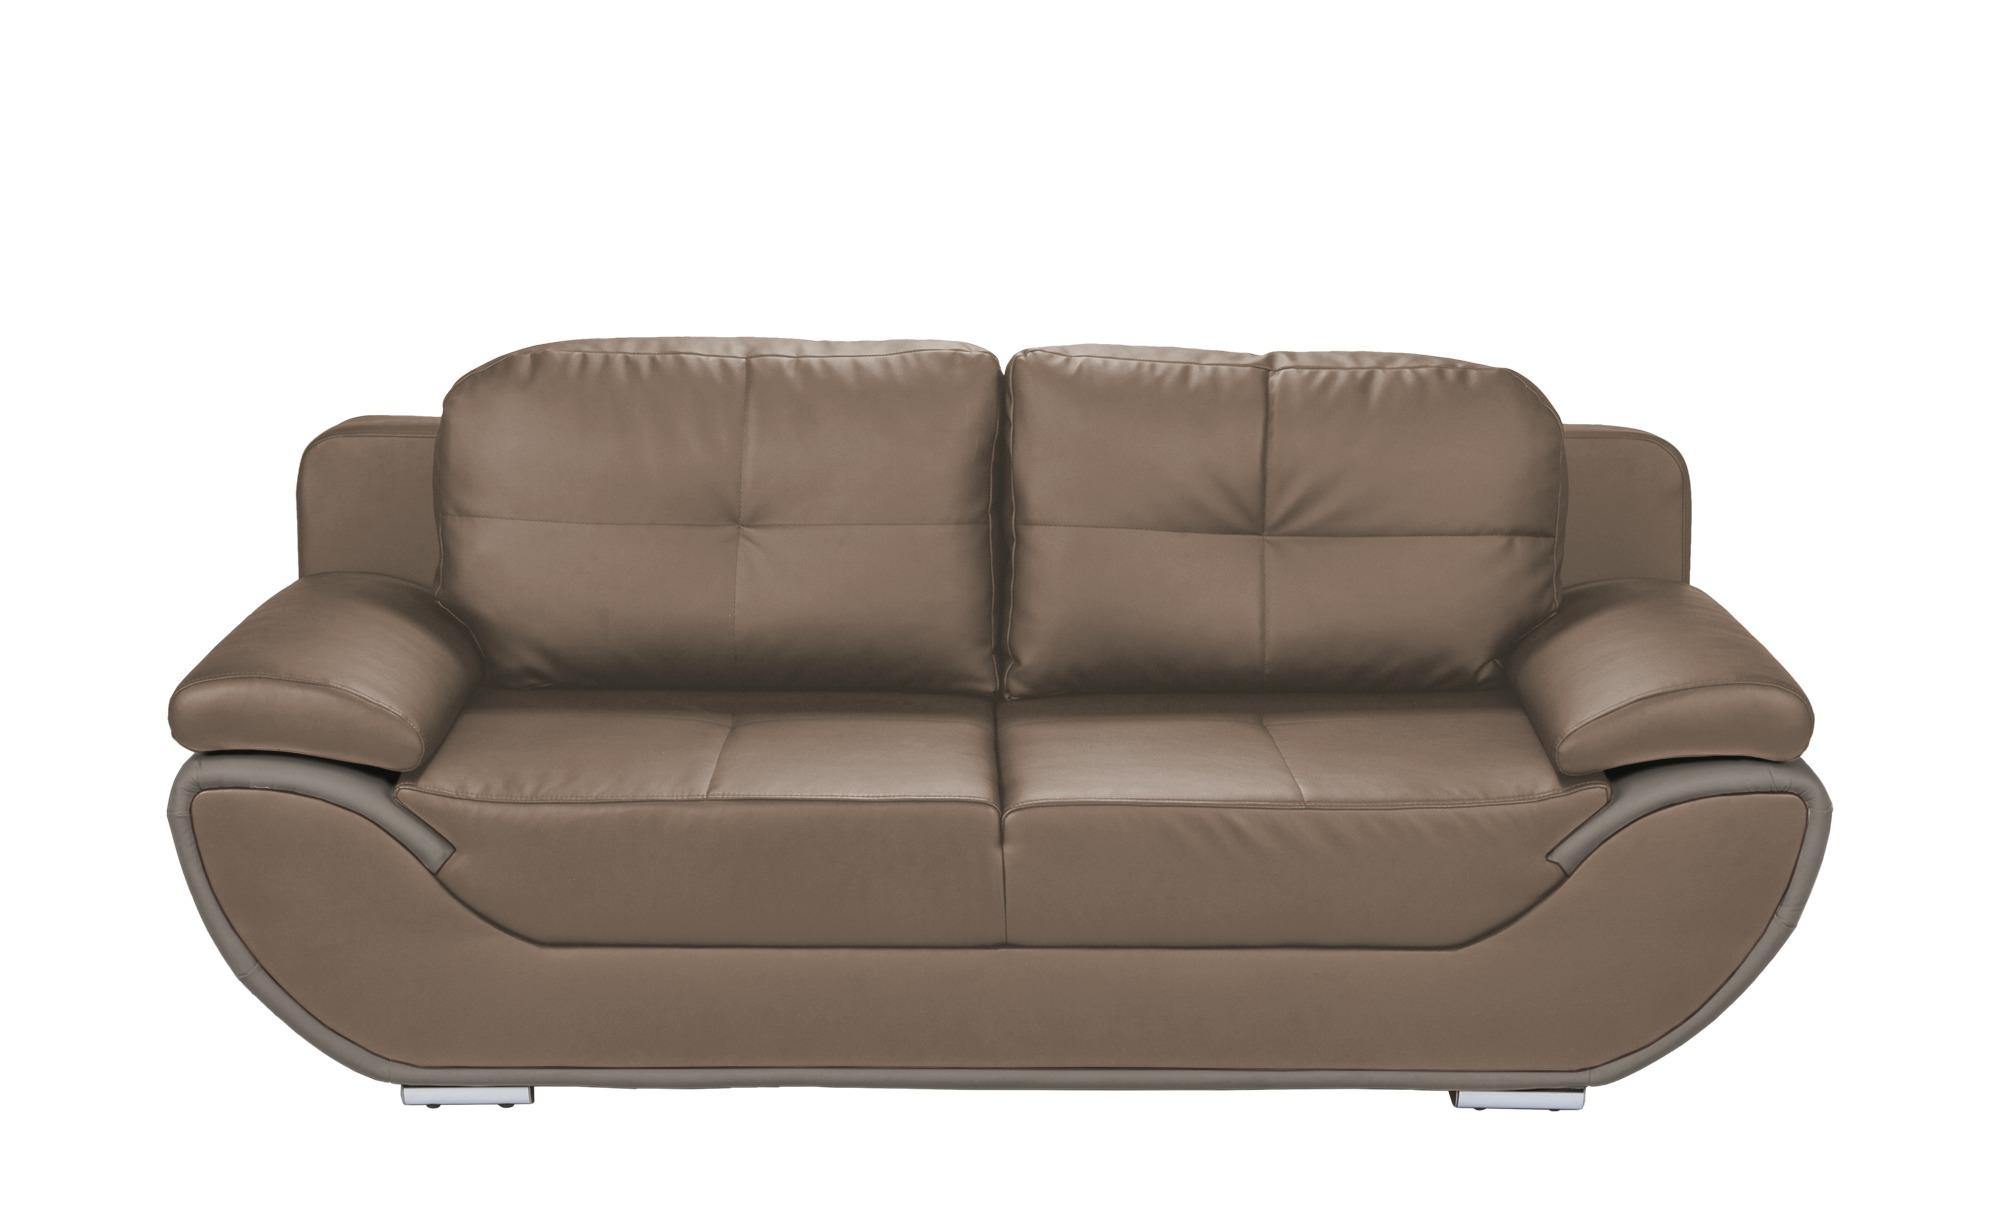 smart Design-Schlafsofa grau-braun/grau - Kunstleder Adina ¦ braun ¦ Maße (cm): B: 204 H: 90 T: 92 Polstermöbel > Sofas > 2-Sitzer - Höffner